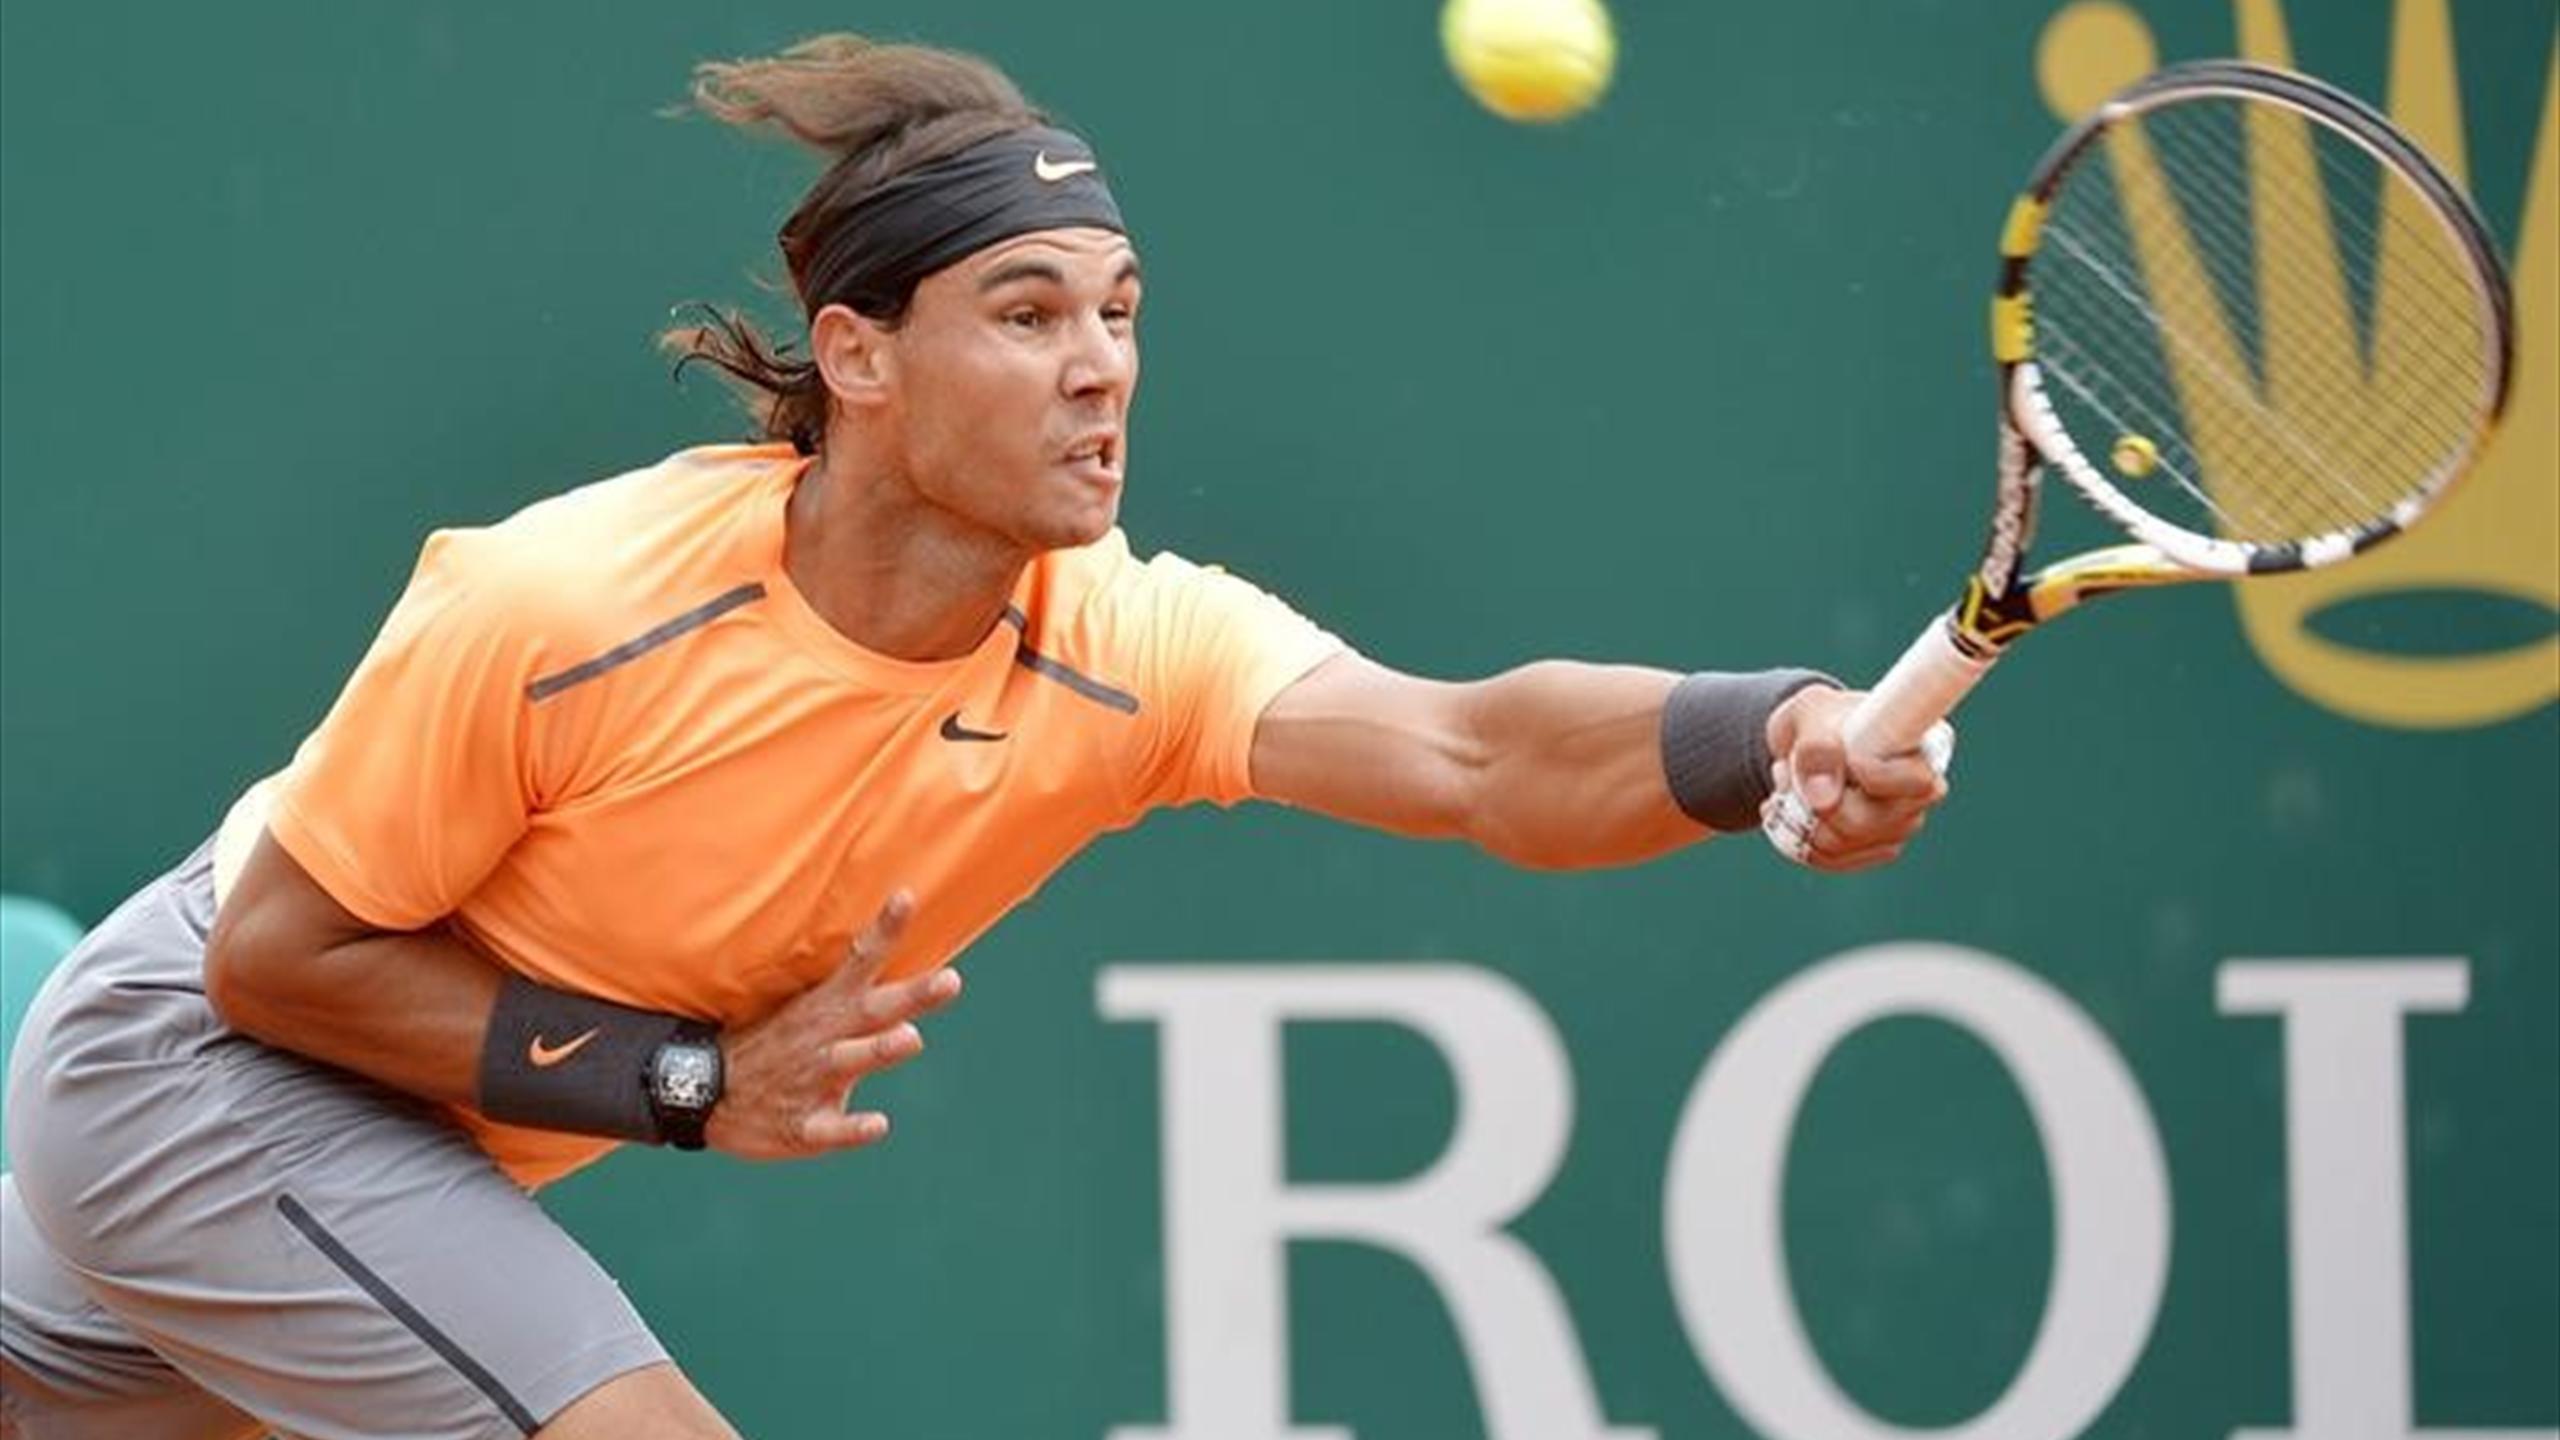 Masters Rome : Rafael Nadal simpose sans difficulté face